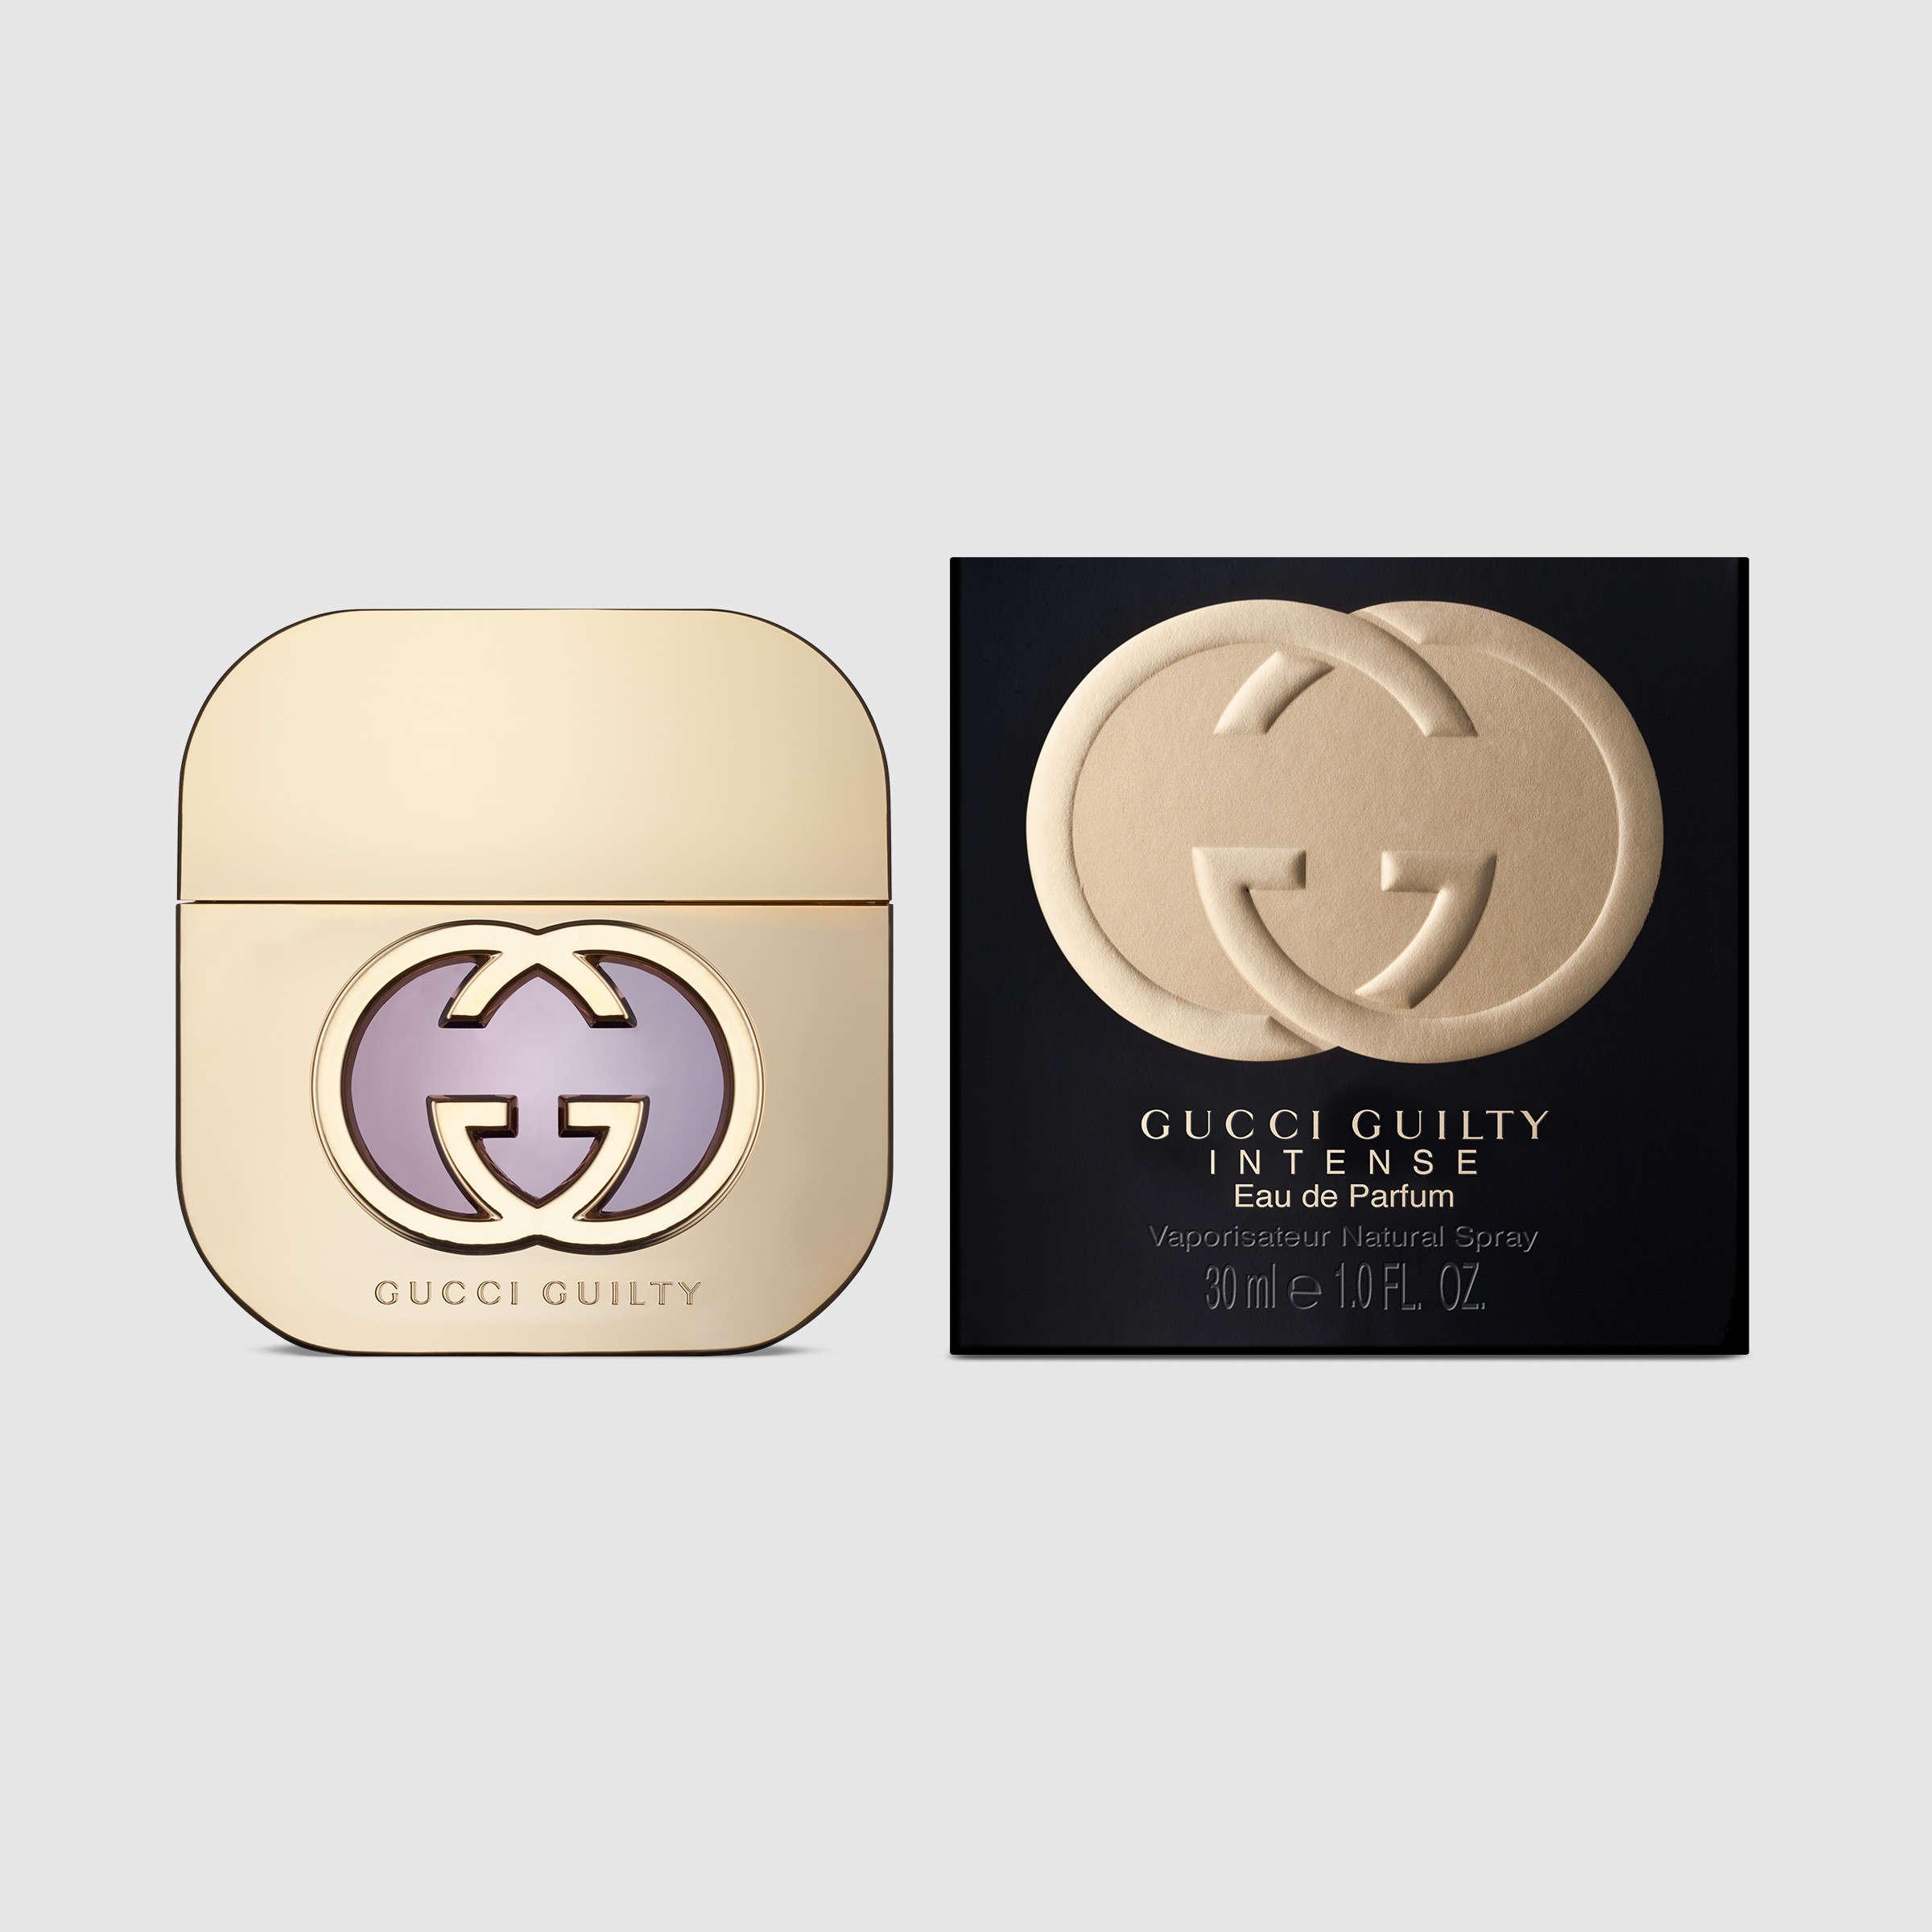 18d36af86 Buy Gucci Guilty Intense Eau de Parfum Spray 30ml at £49.00